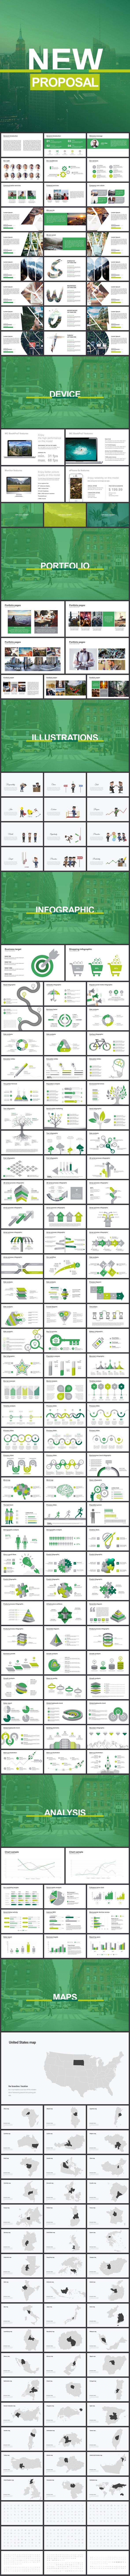 New Proposal Google Slides Template - Google Slides Presentation Templates